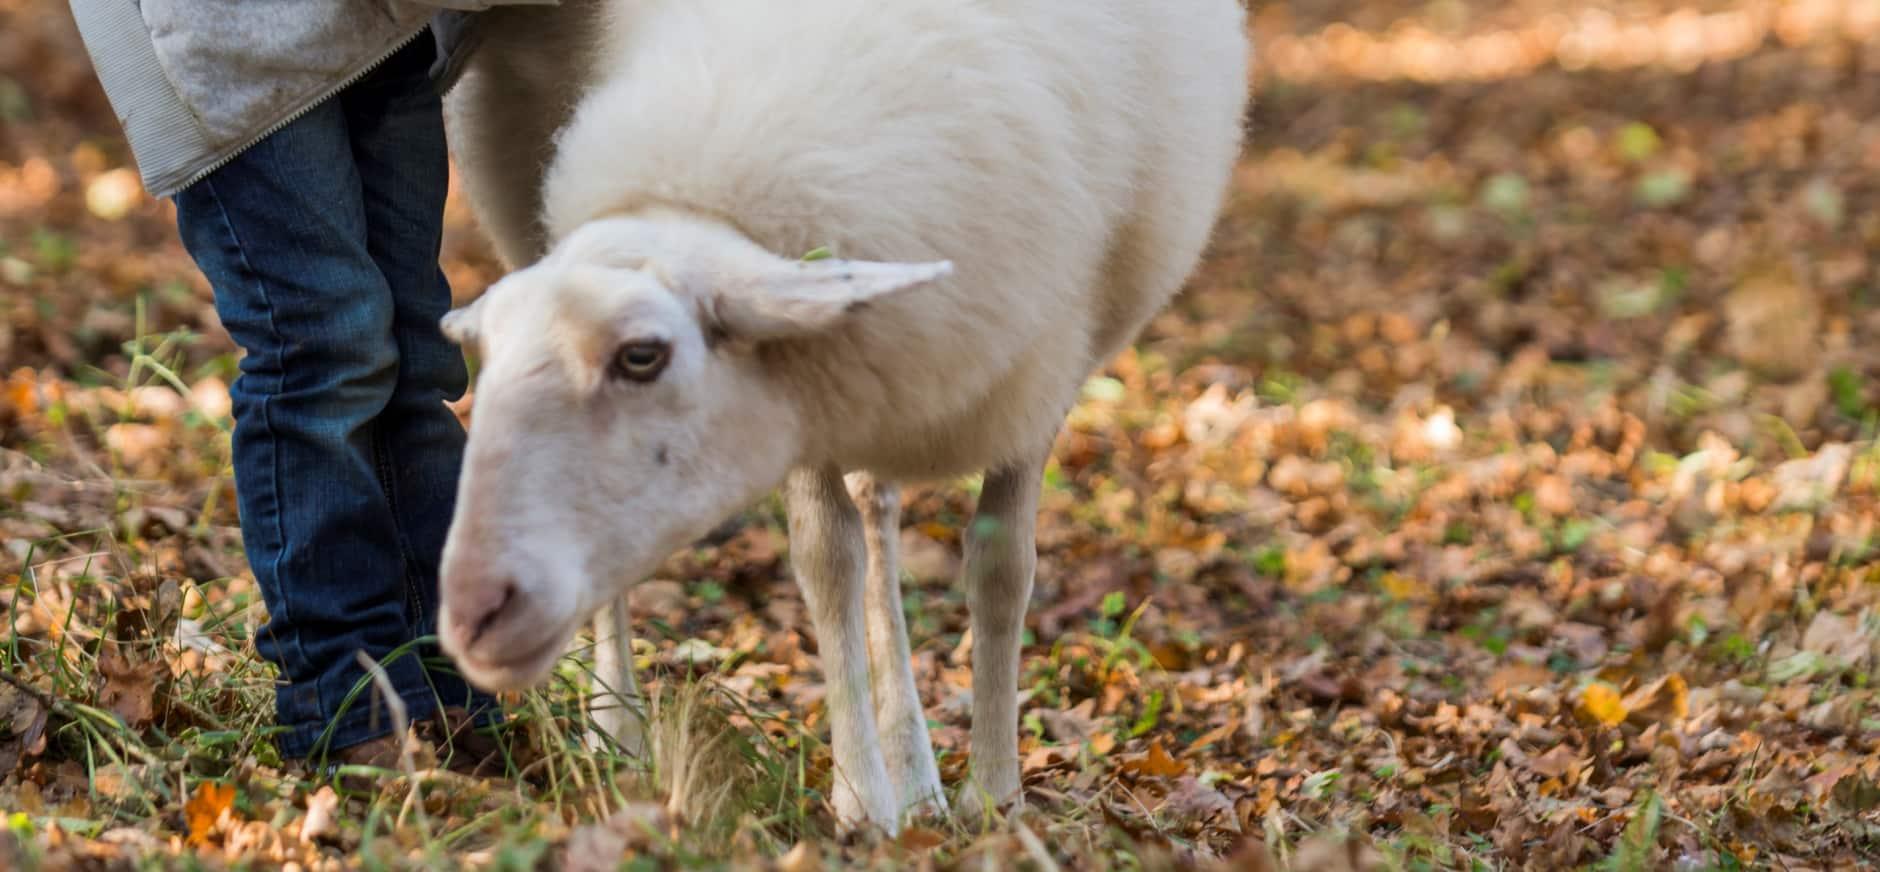 Zachte vlokjes van wol